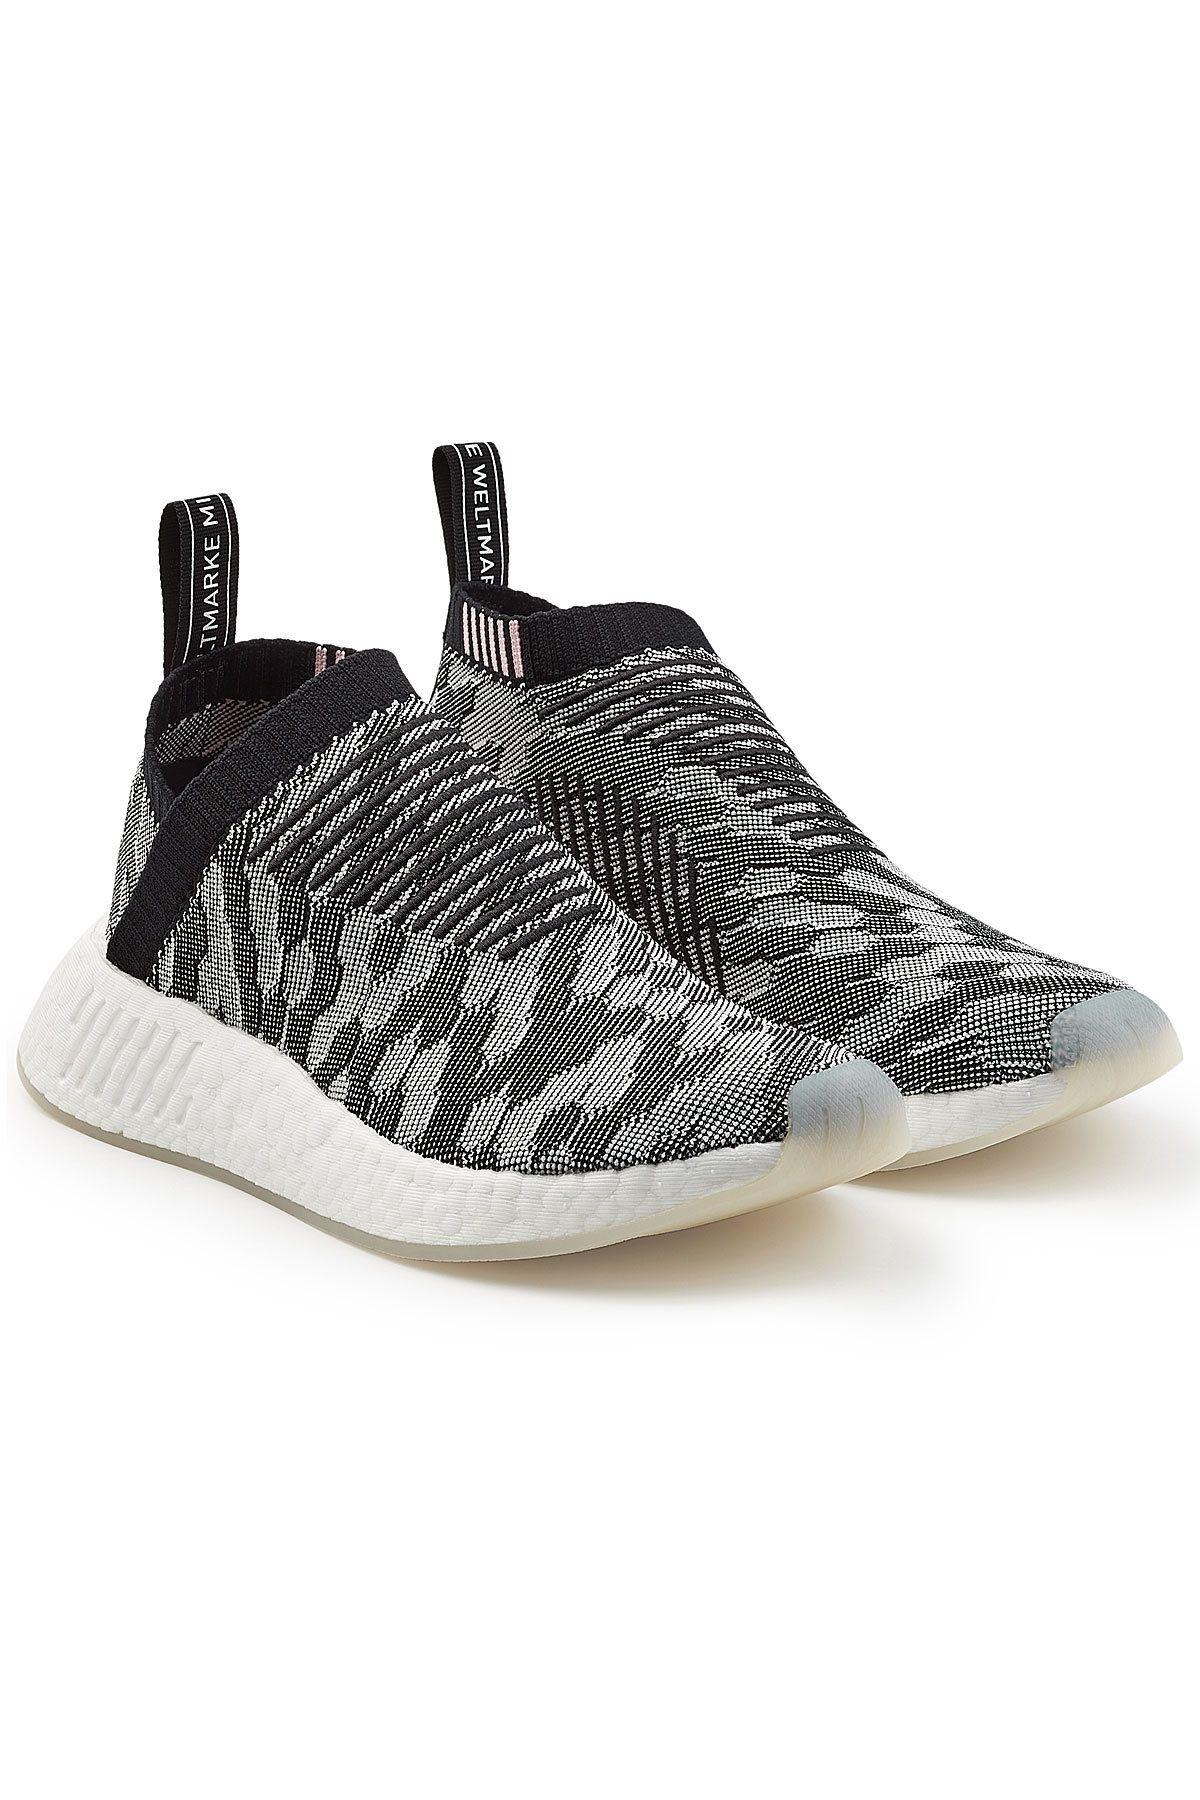 Shop adidas Originals Mens Crazy BYW Basketball Shoes Knit